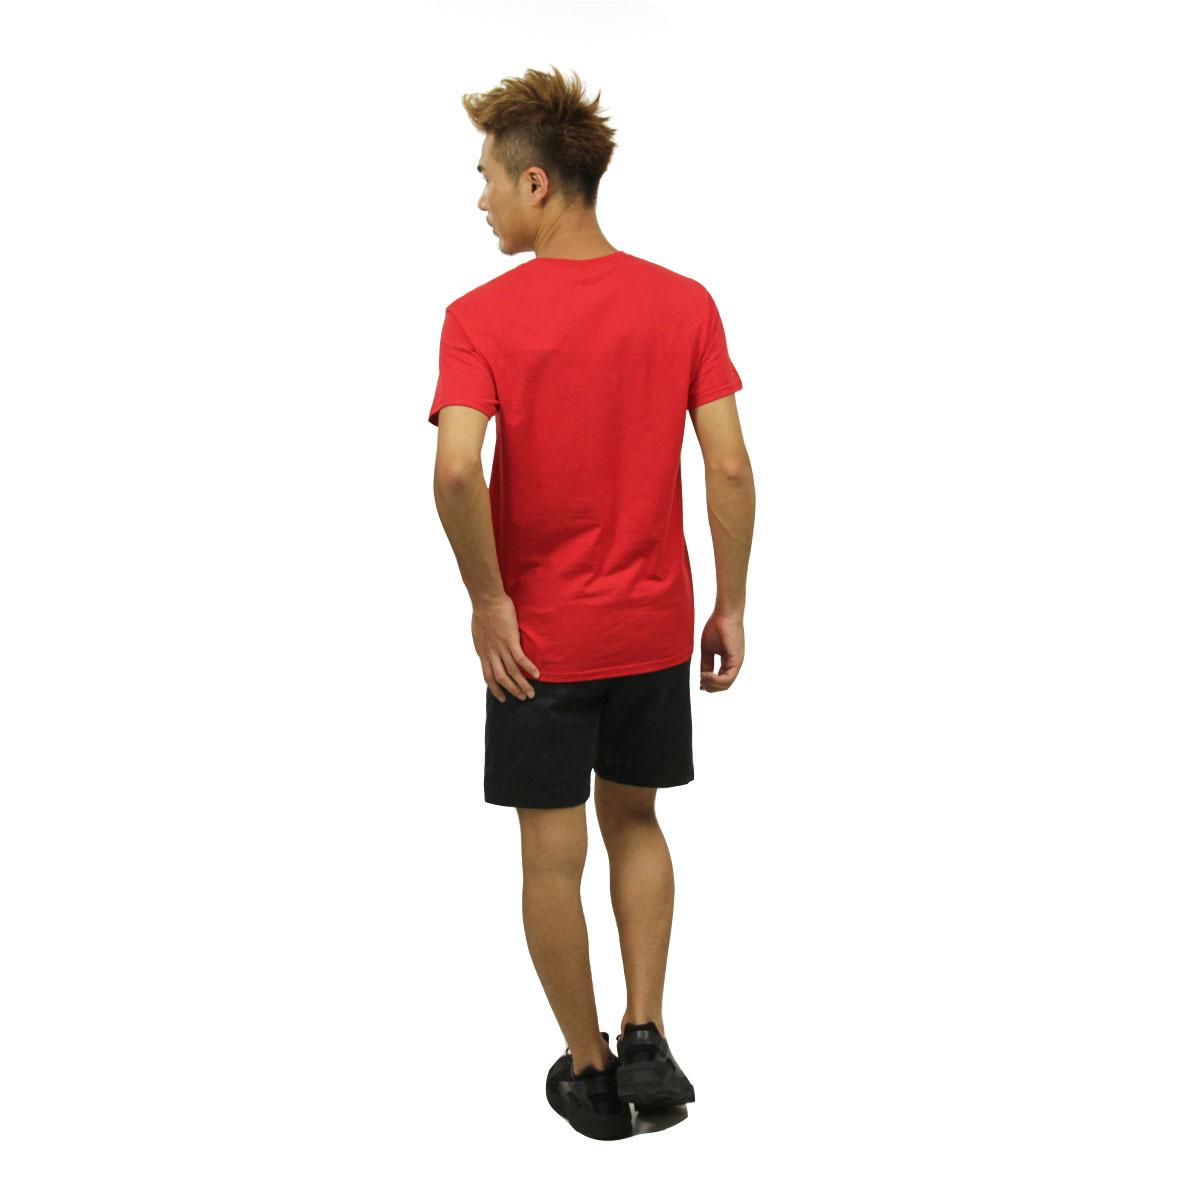 フルーツオブザルーム Tシャツ メンズ 正規品 FRUIT OF THE LOOM プラチナムシリーズ 半袖Tシャツ CREW TEE PLATINUM A42B B1C C1D D1E E11F